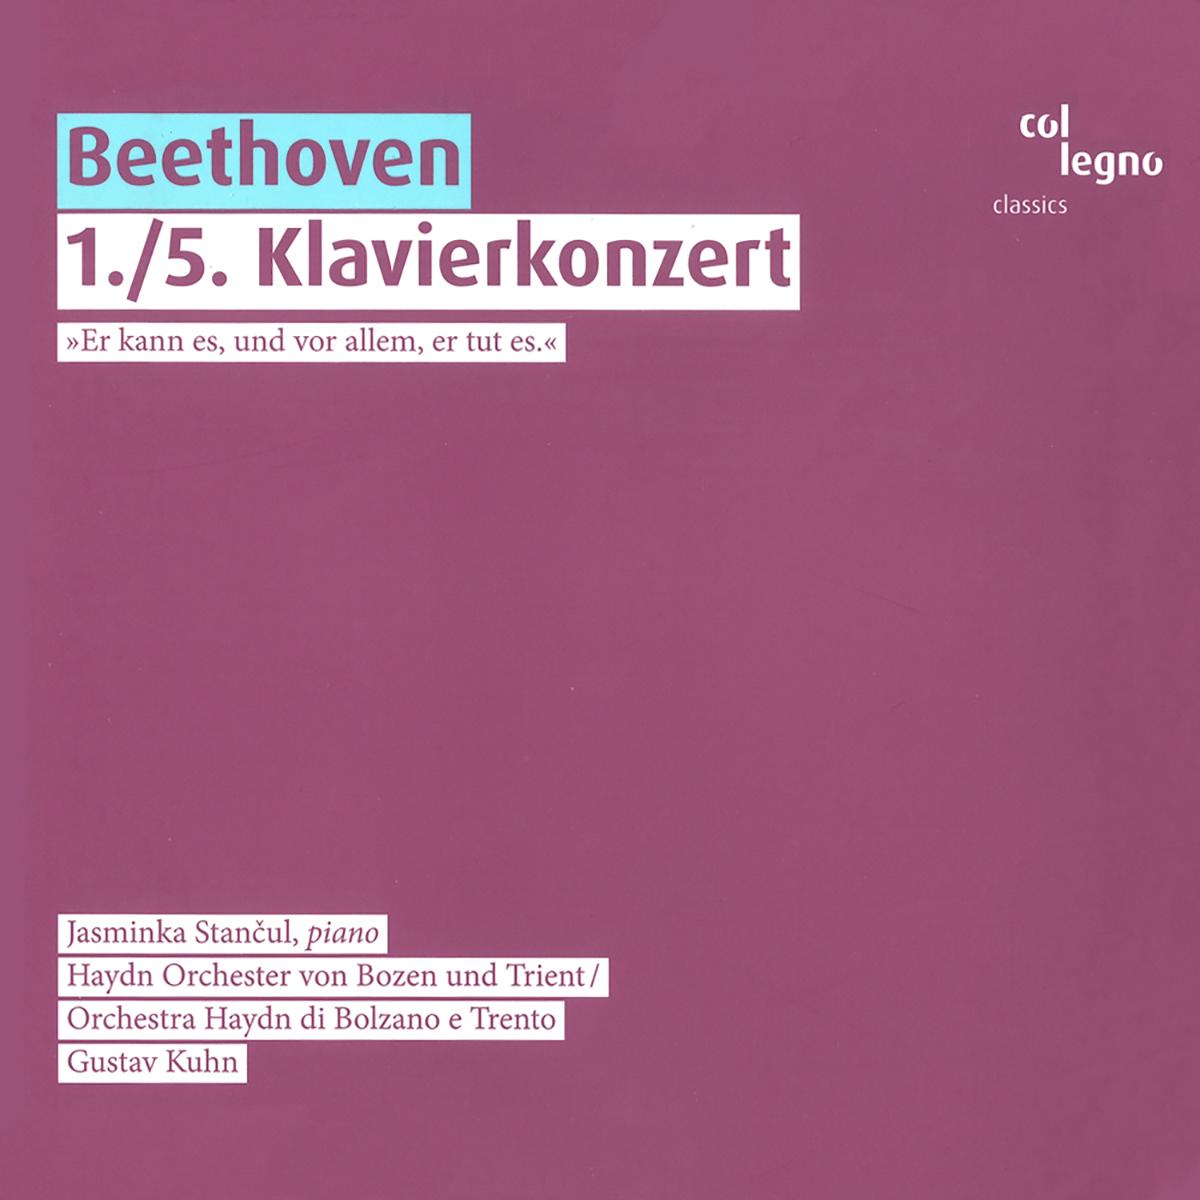 Ludwig van Beethoven - 1./5. Klavierkonzert